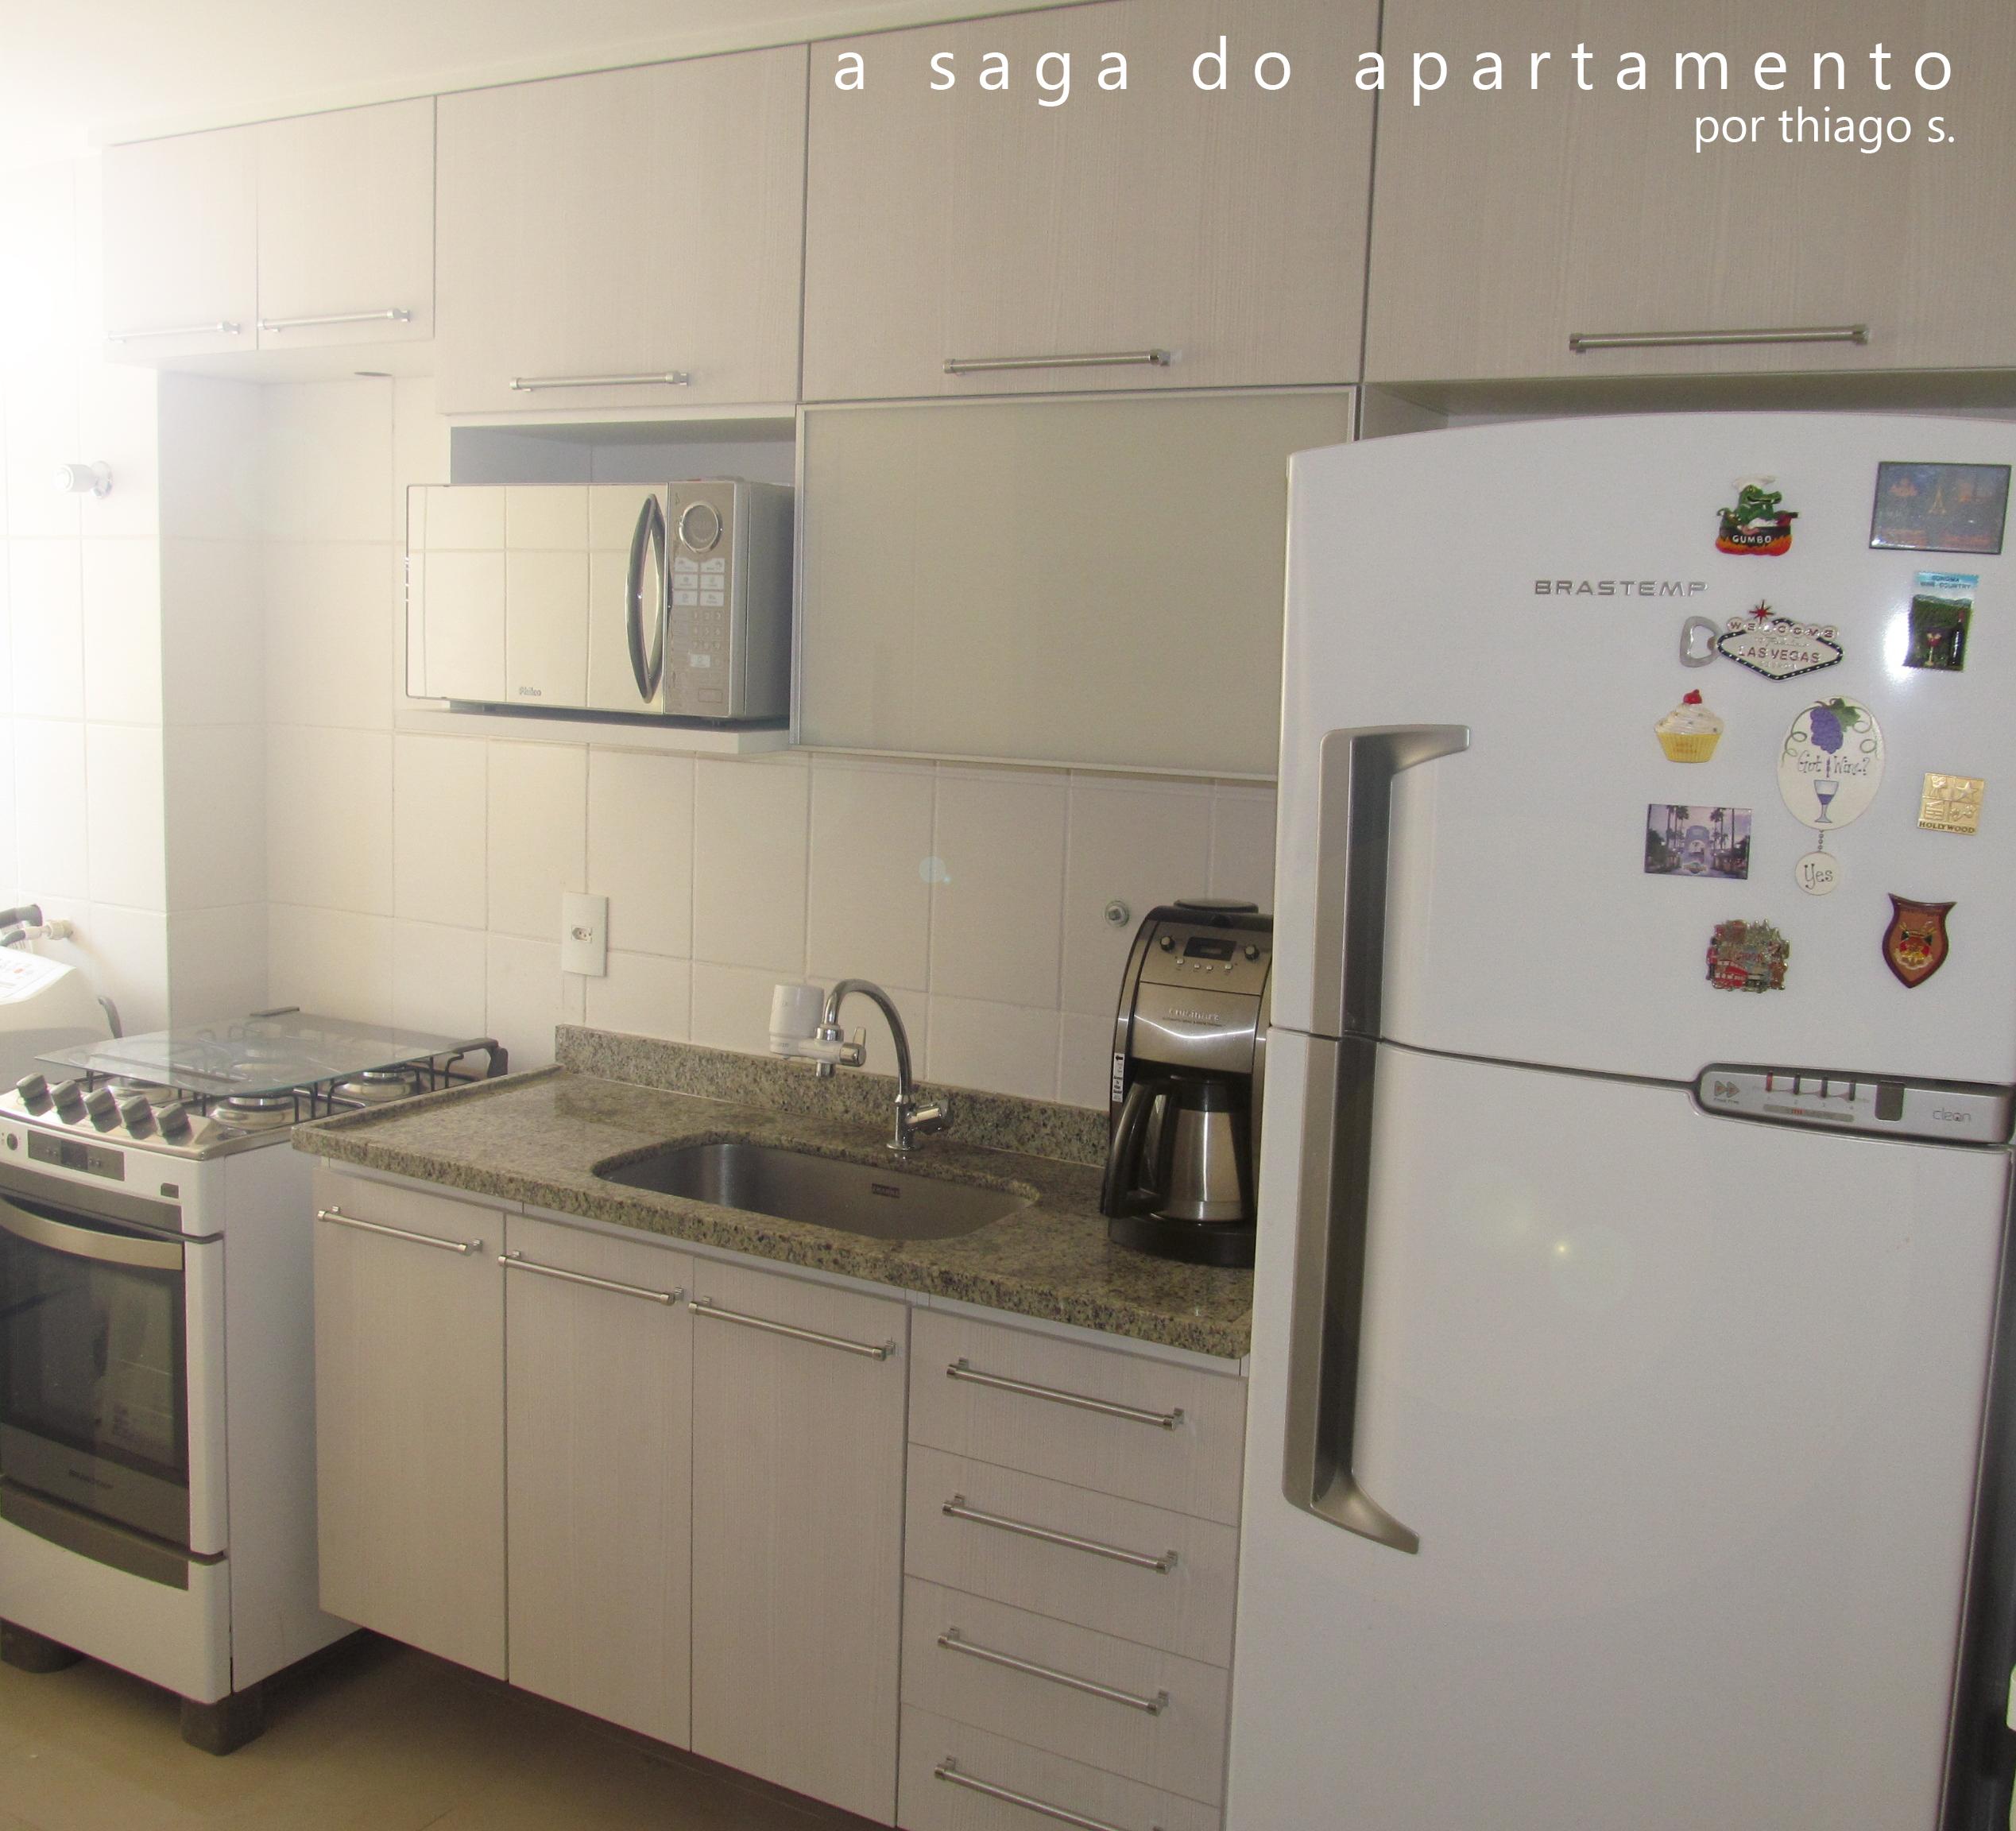 gabinete de cozinha com pia nas casas bahia #5D4E3D 2537 2304